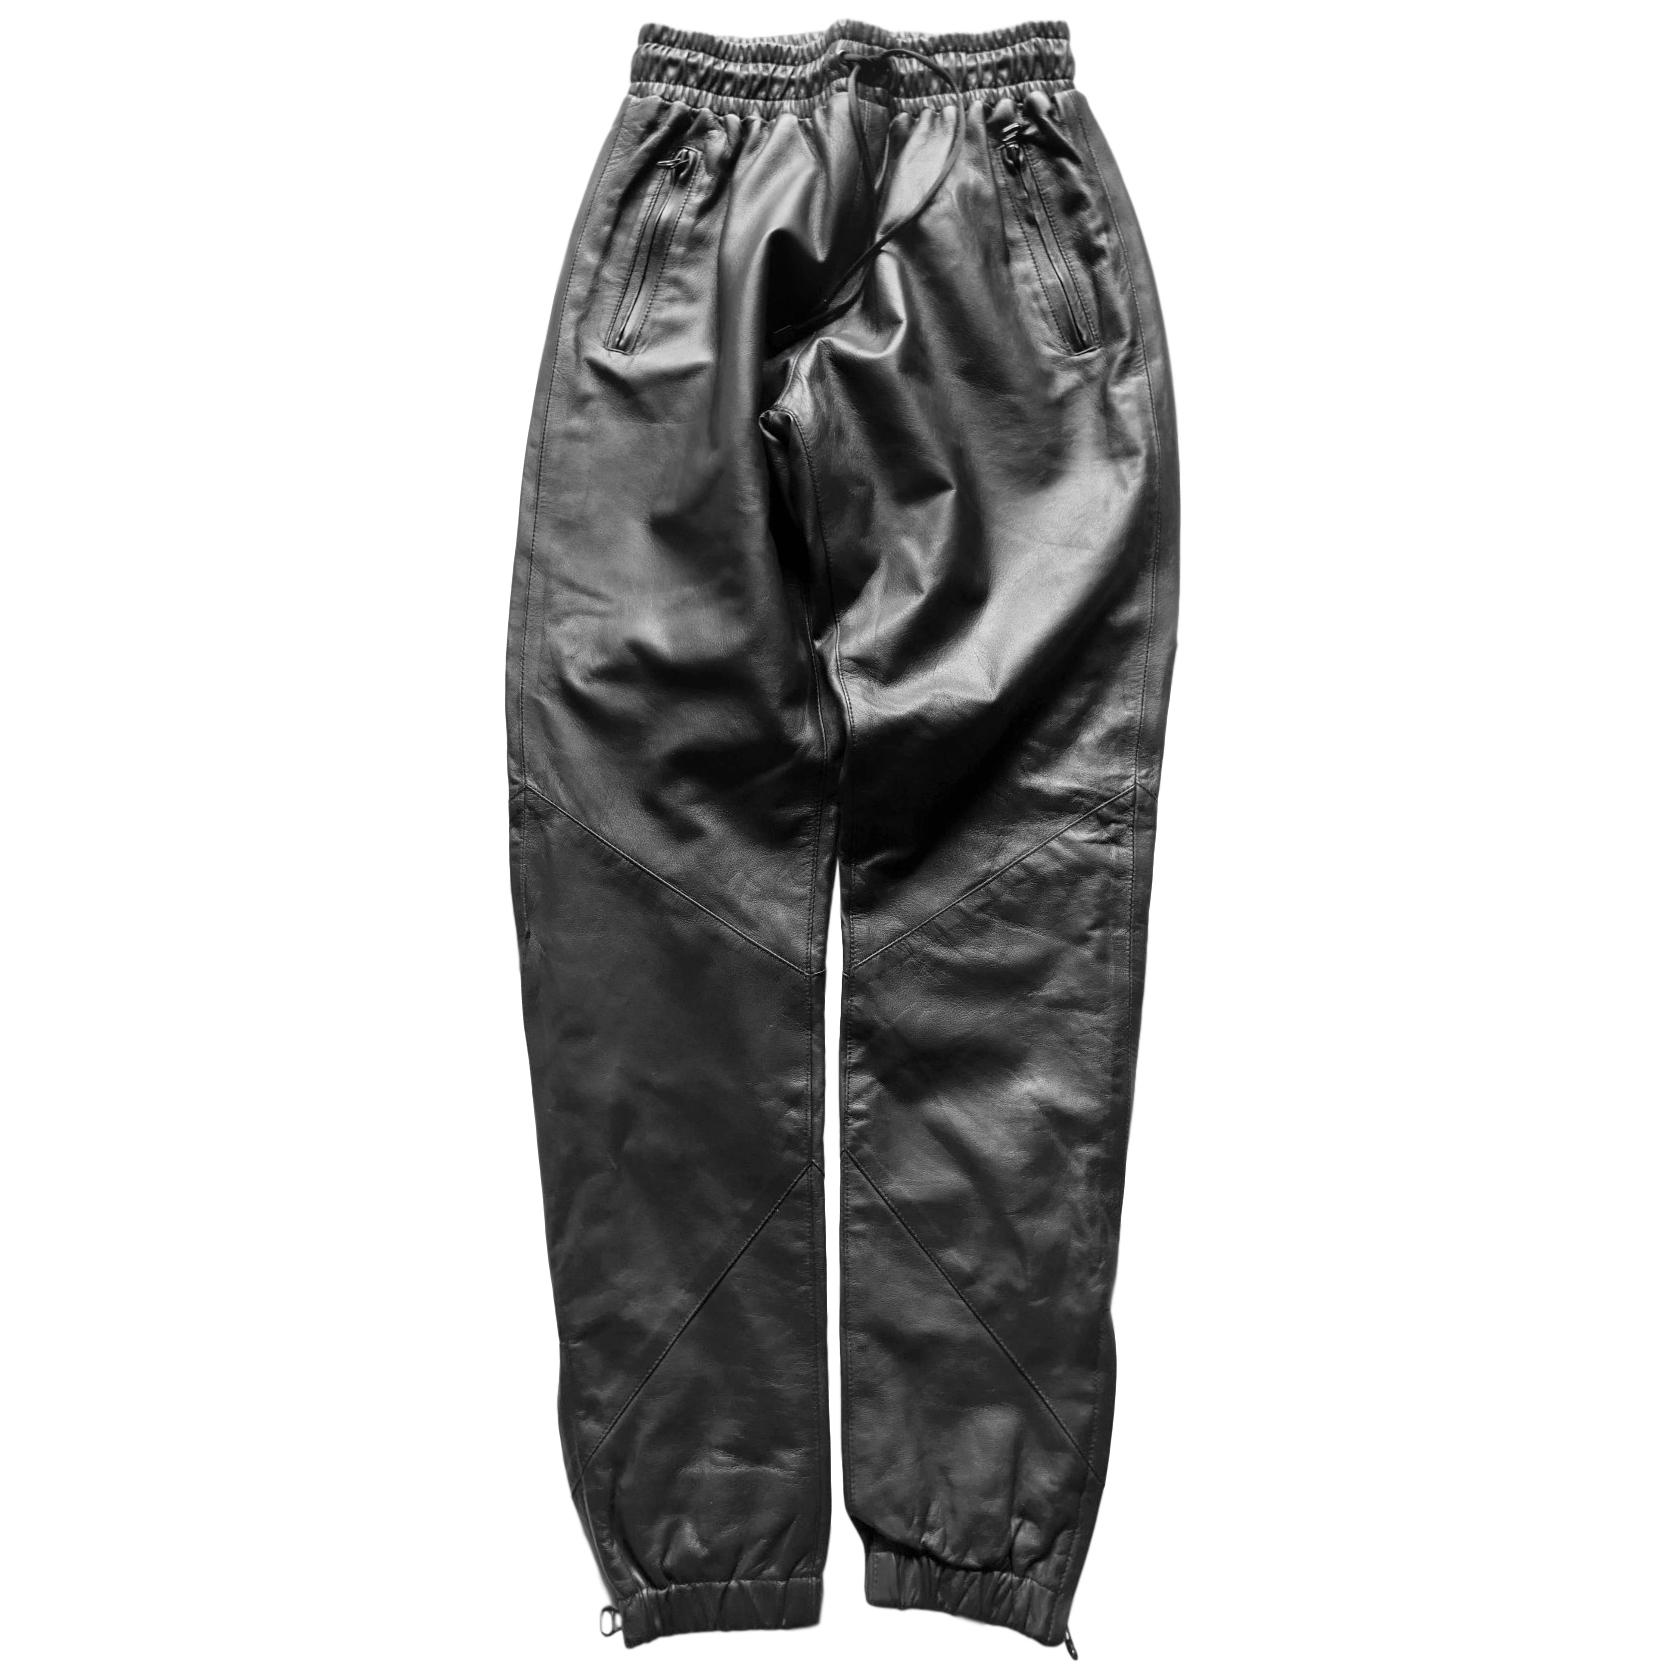 EN/NOIR Black Leather Track Pants